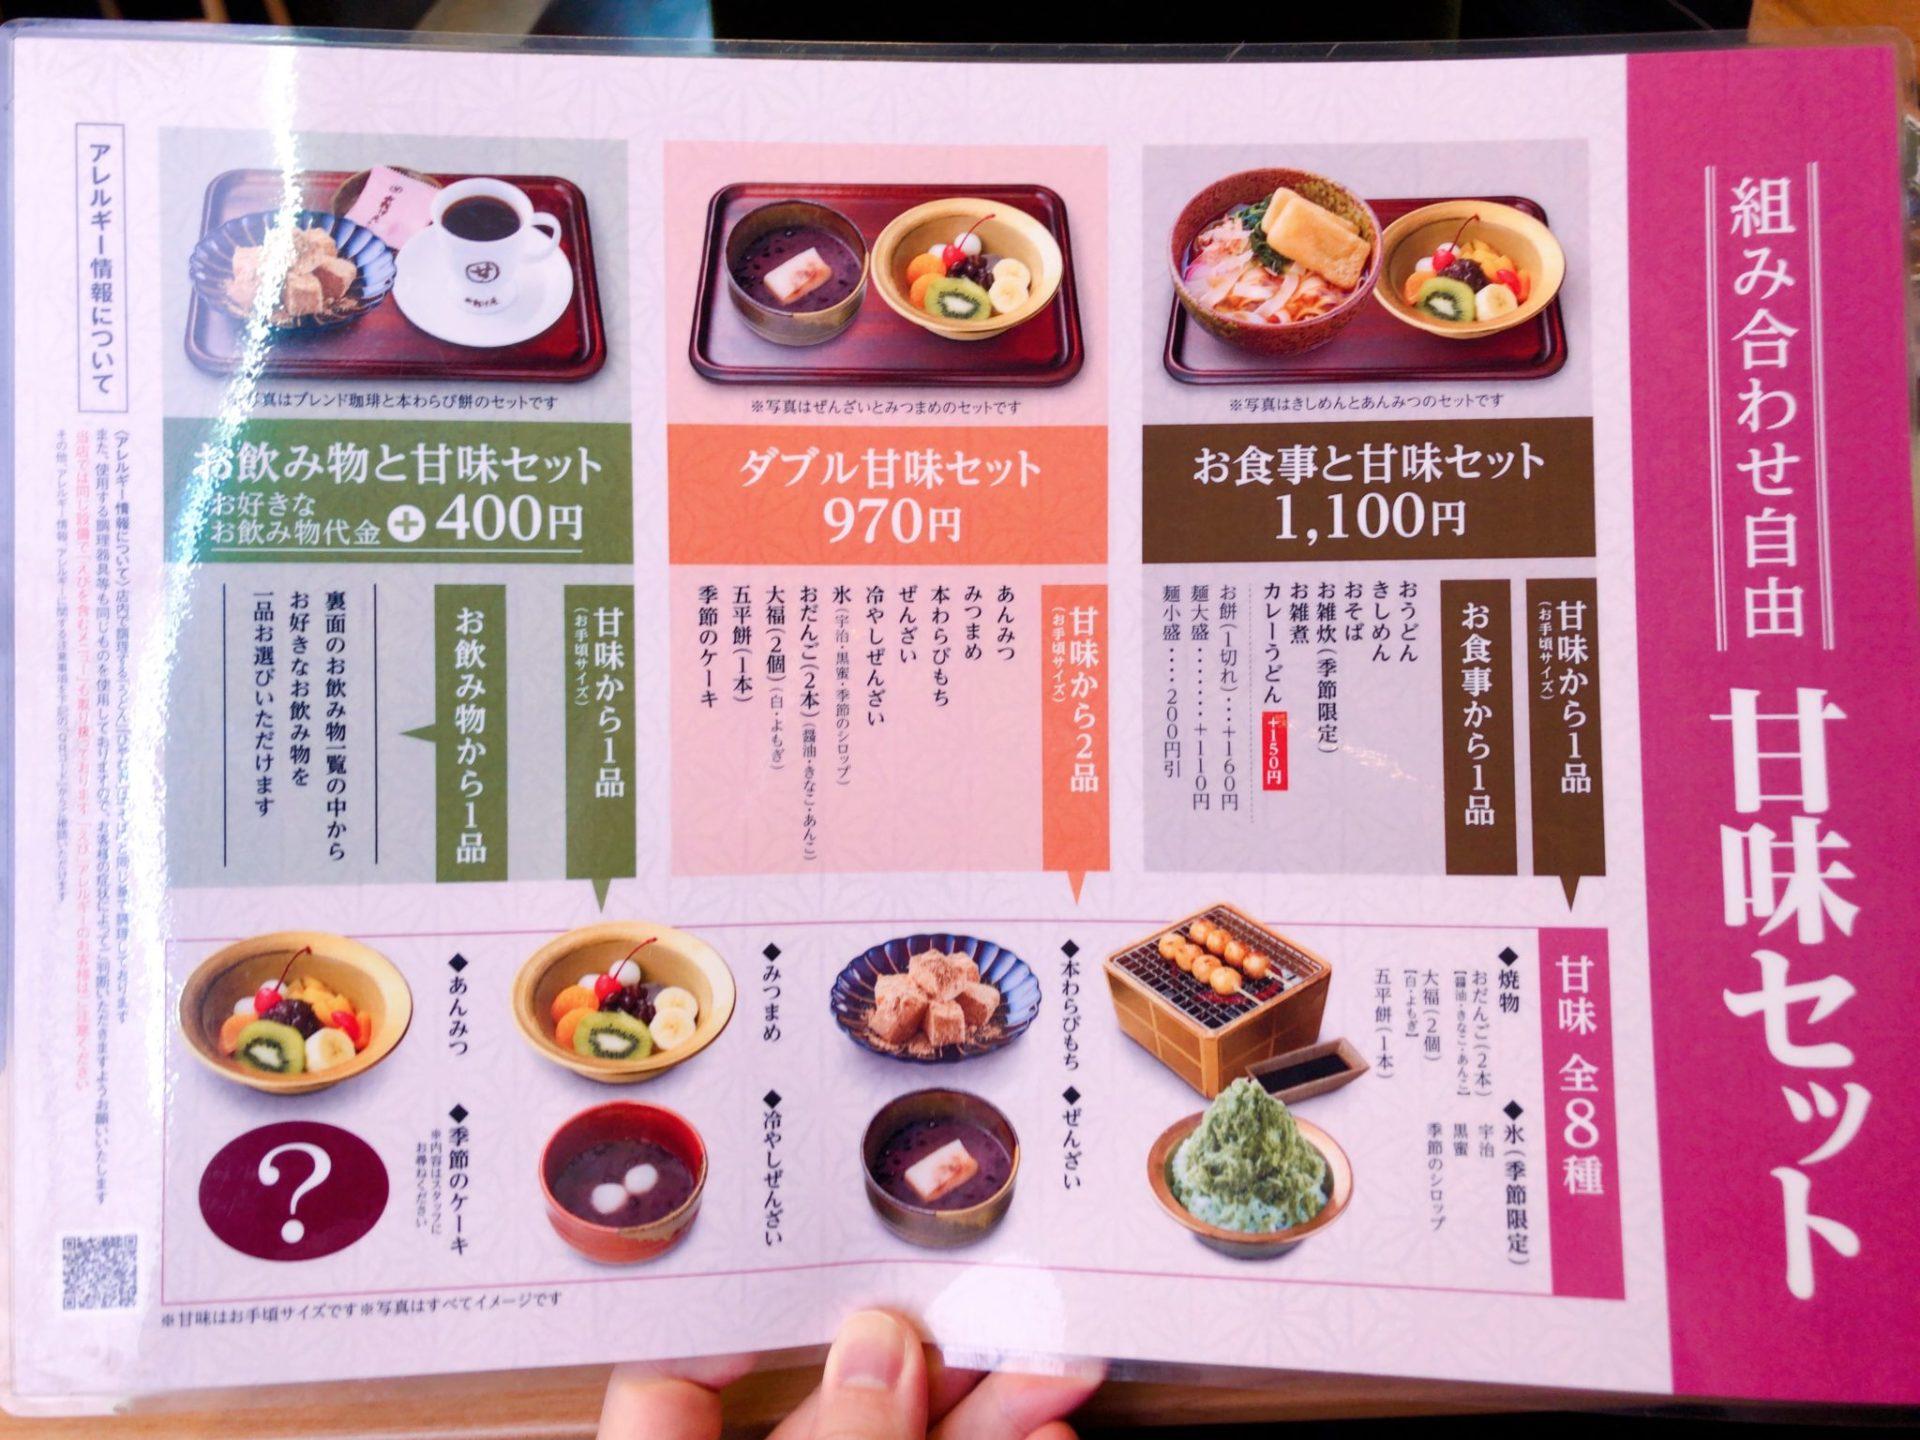 コメダ和喫茶 おかげ庵 駒沢公園前店の甘味セットメニュー